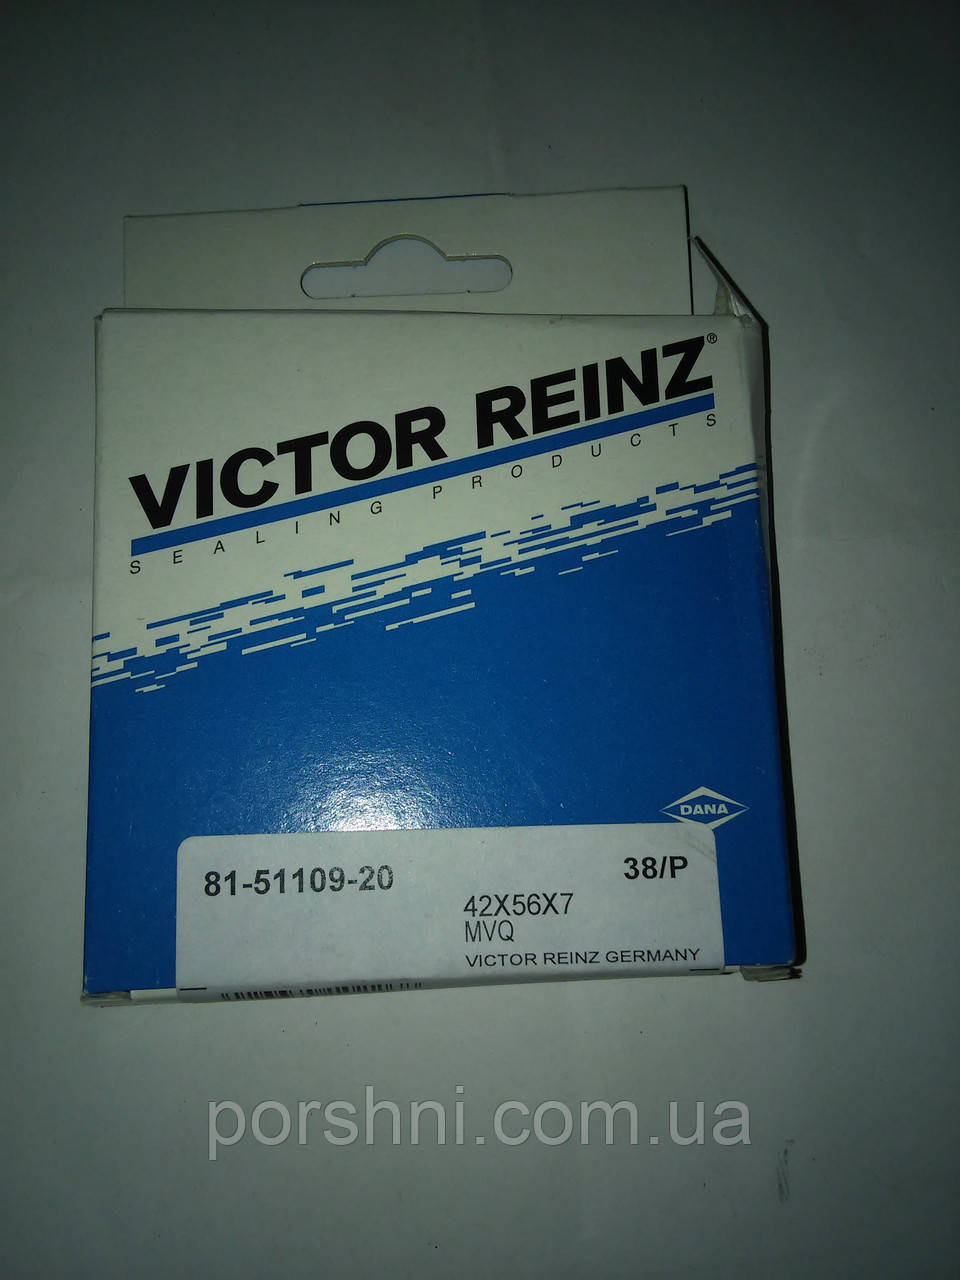 Сальники   42 х 56 х 7 Ford Sierra OHC VIKTOR REINZ  81-51109-20